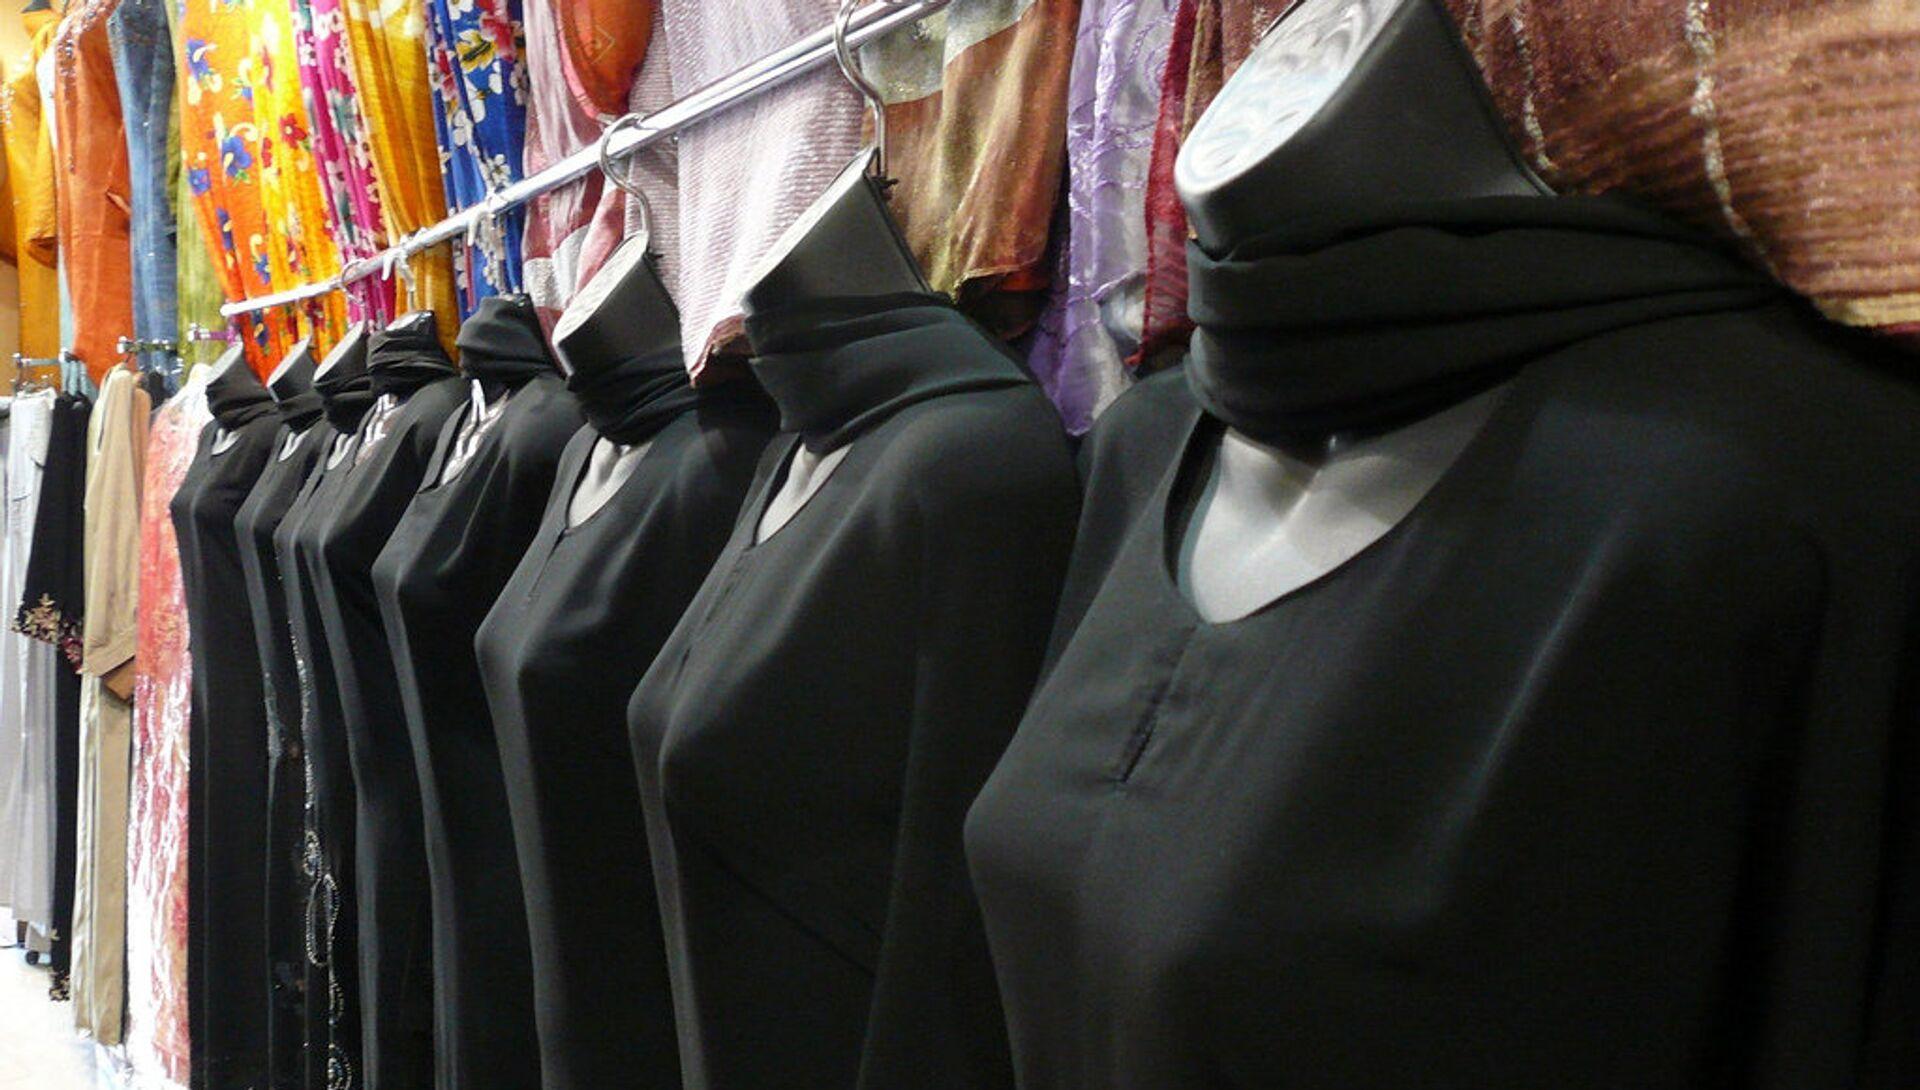 Мусульманское платье - абайя - РИА Новости, 1920, 08.03.2016